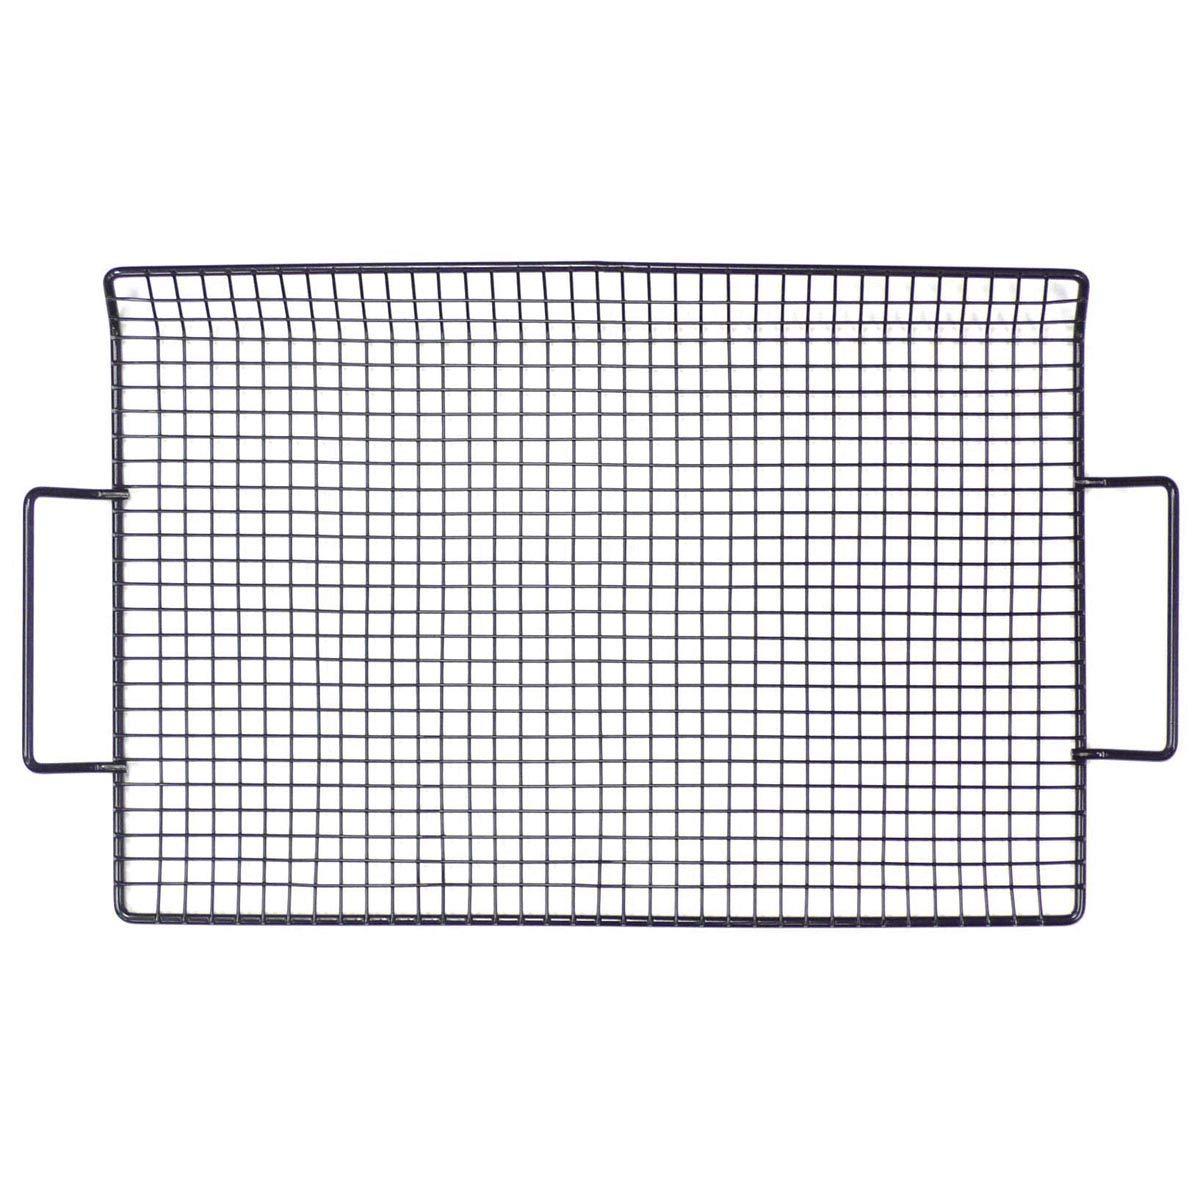 Mr Bar BQ 06011X BS NS 12-Inch by 12-Inch Grill Grid